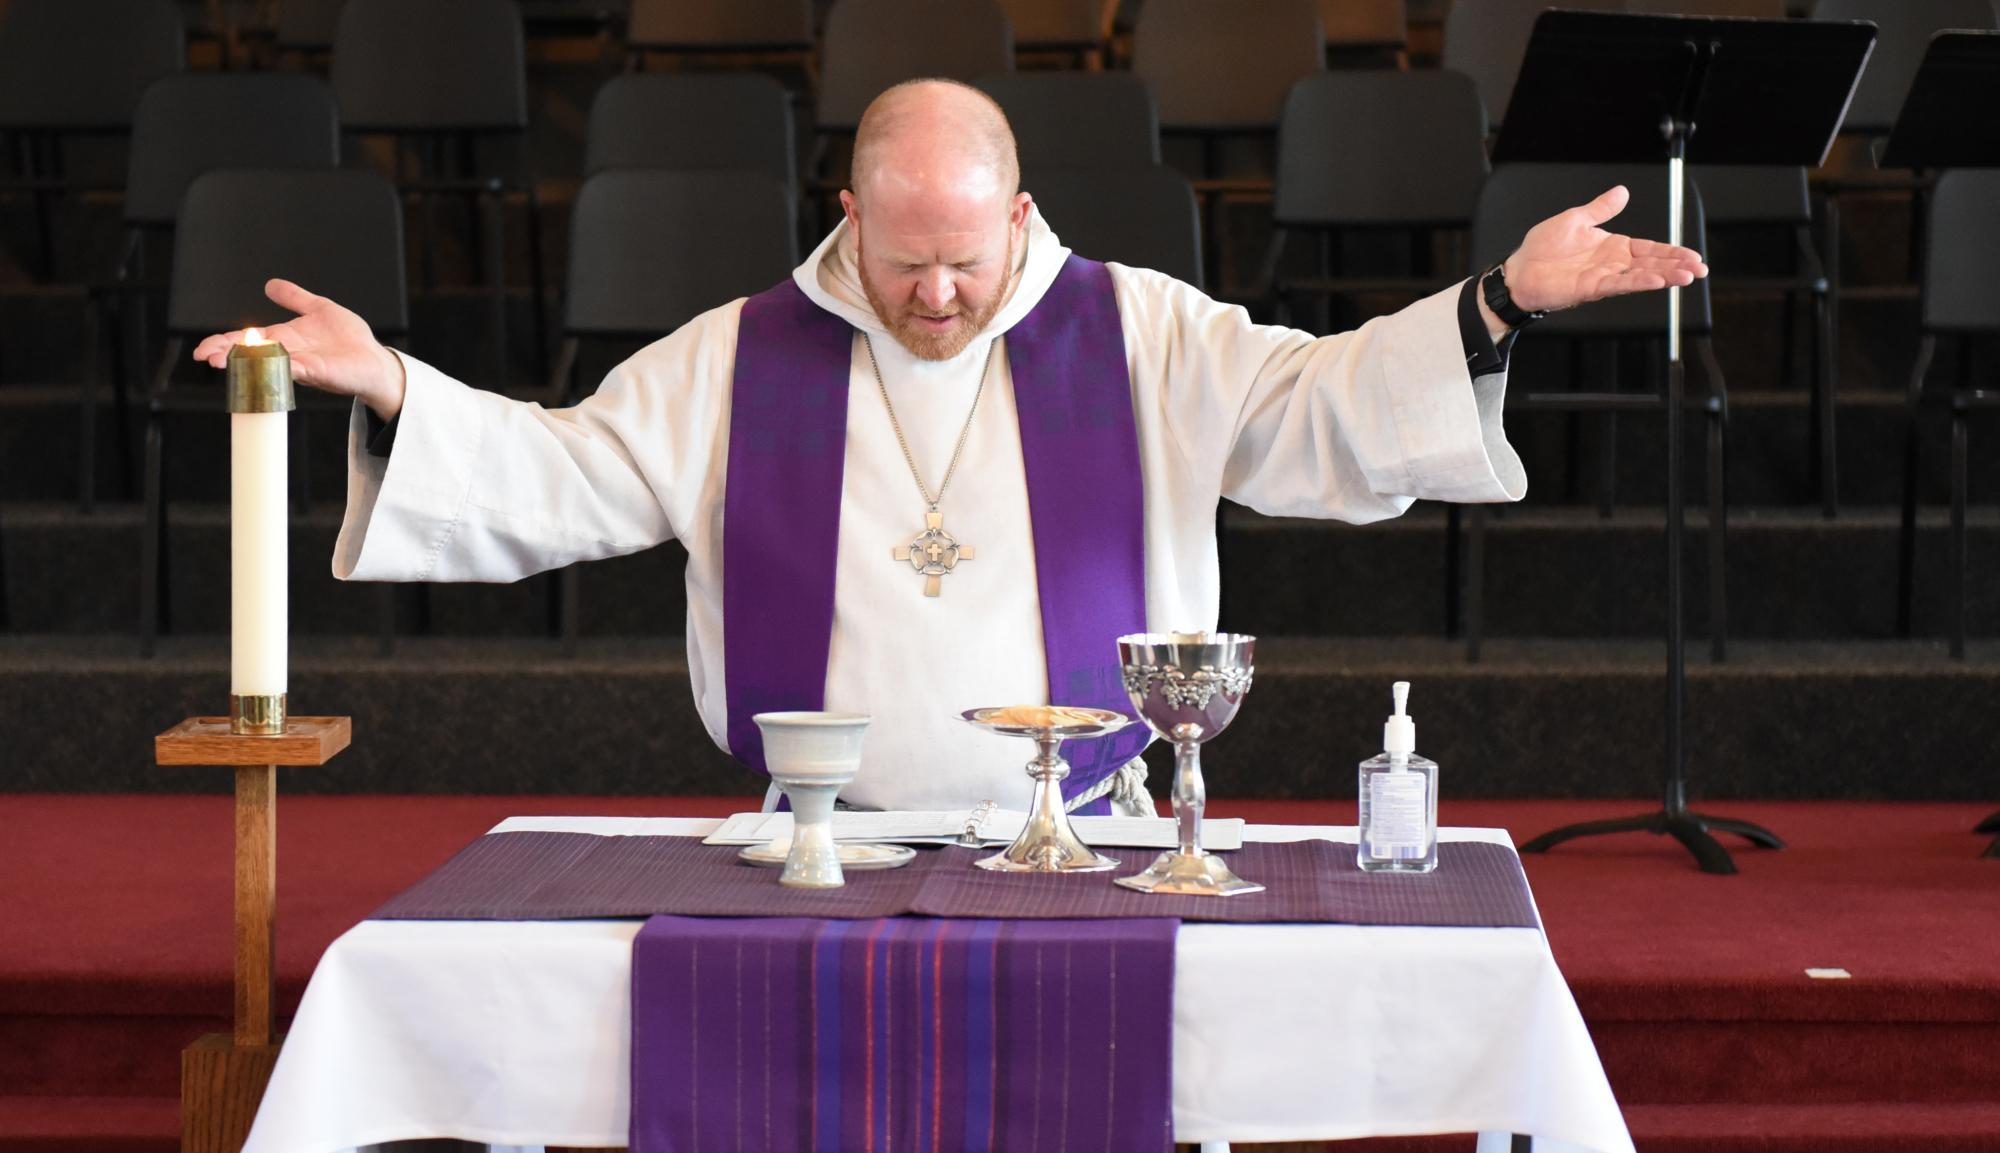 Pastor Scott Johnson